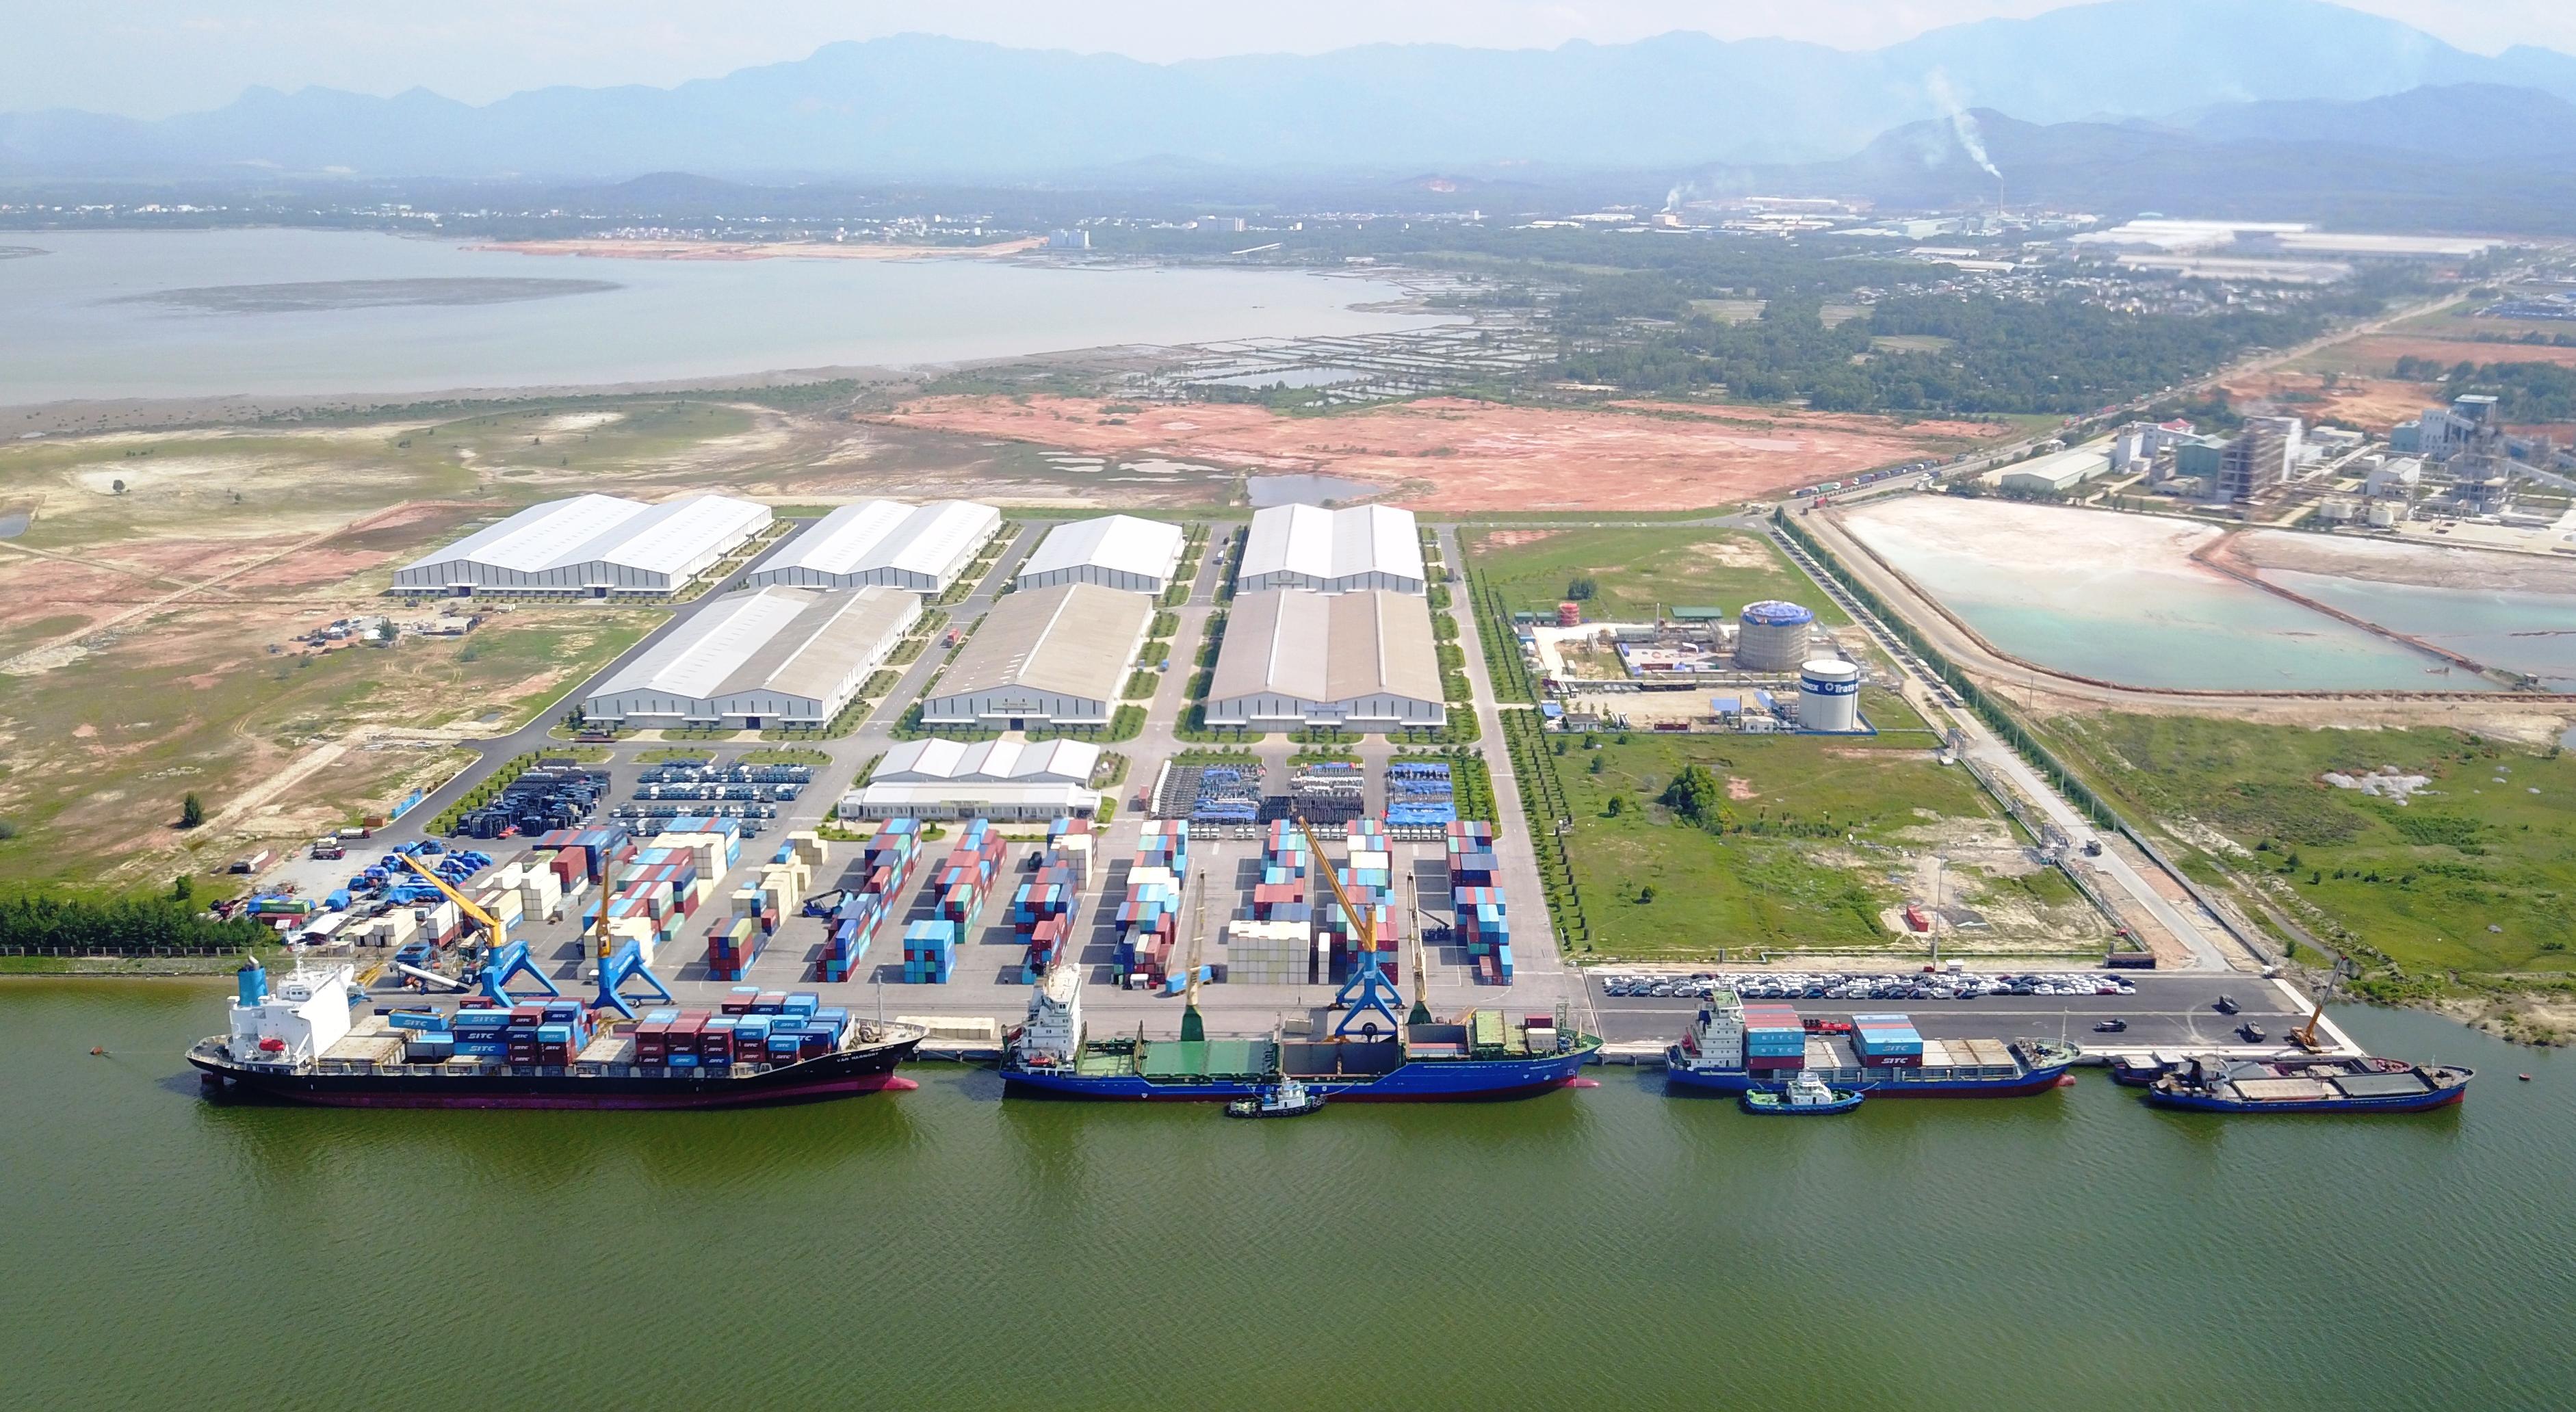 Cảng biển Chu Lai sau đầu tư, nâng cấp. Ảnh: MINH HẢI